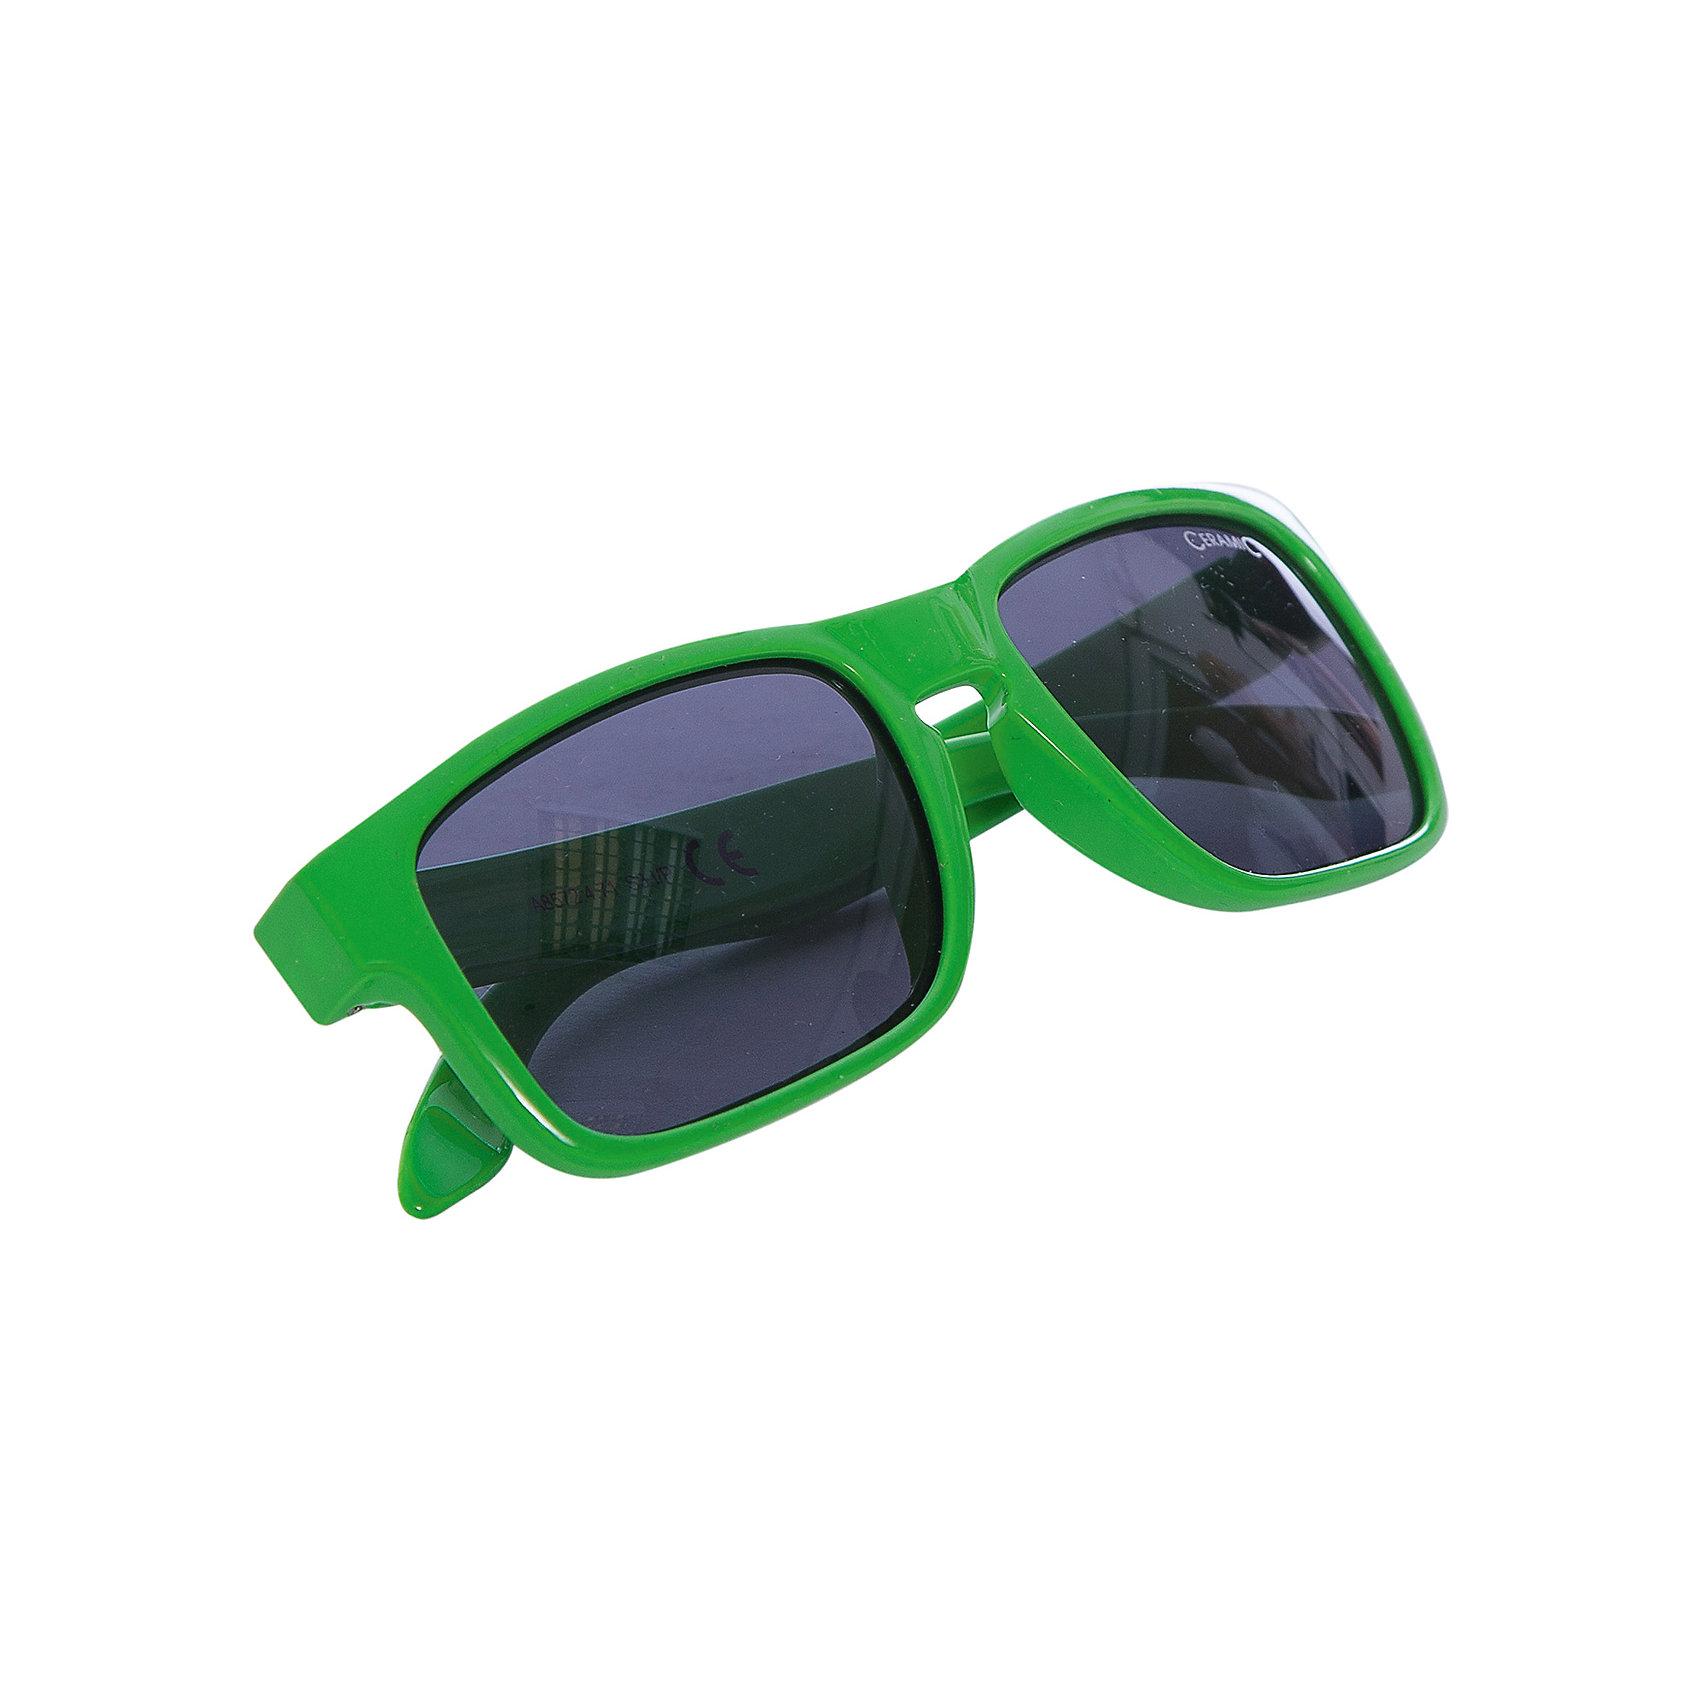 Очки солнцезащитные MITZO, зеленые, ALPINAСолнцезащитные очки<br><br><br>Ширина мм: 190<br>Глубина мм: 30<br>Высота мм: 30<br>Вес г: 200<br>Возраст от месяцев: 60<br>Возраст до месяцев: 144<br>Пол: Унисекс<br>Возраст: Детский<br>SKU: 6749315